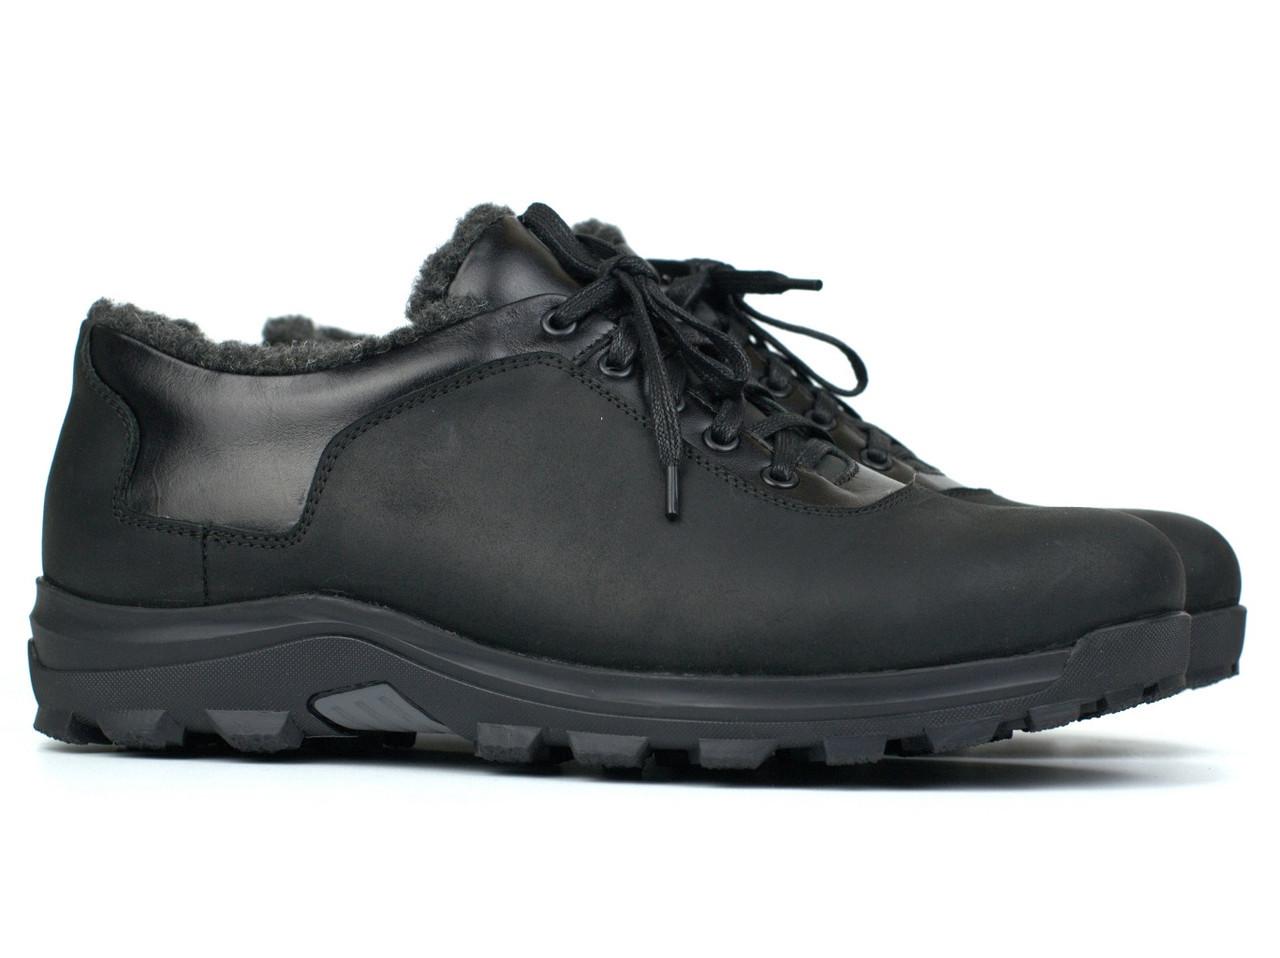 Большой размер кожаные зимние полу-ботинки на меху черные мужские Rosso Avangard Ragn Crazy Reba 2 Black BS